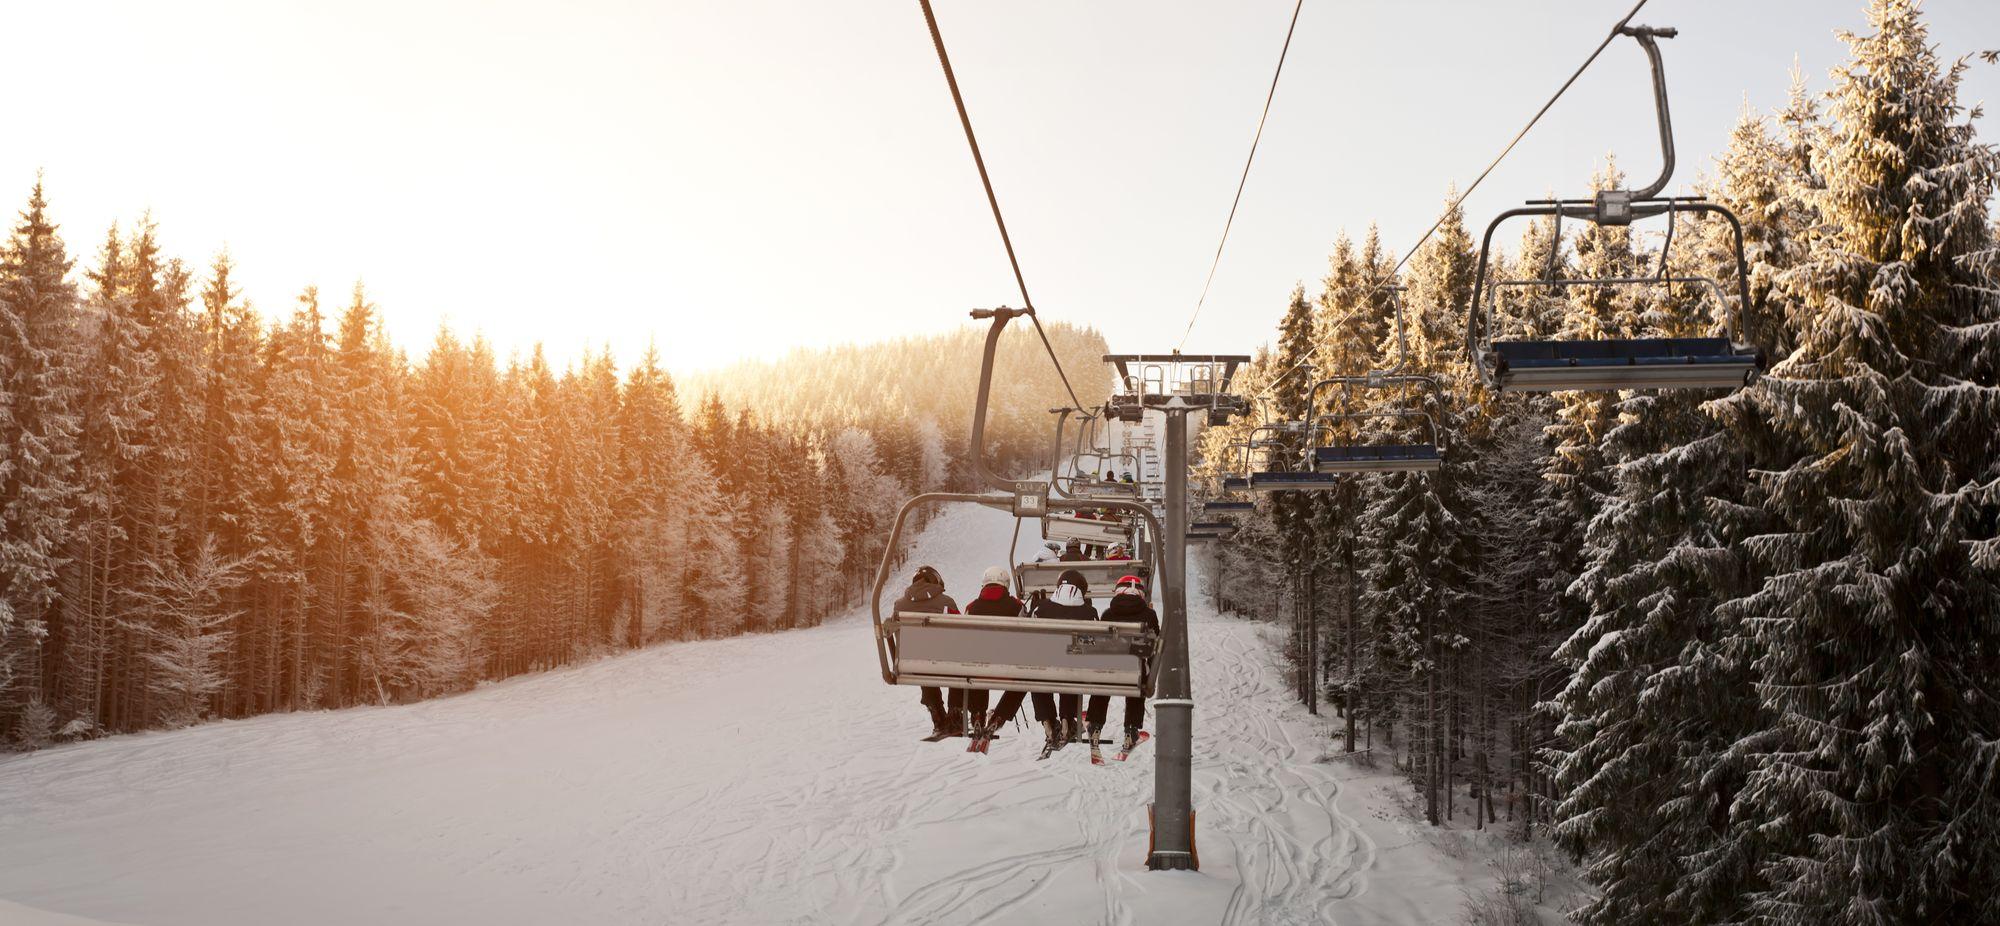 skiing resort in Massachusetts